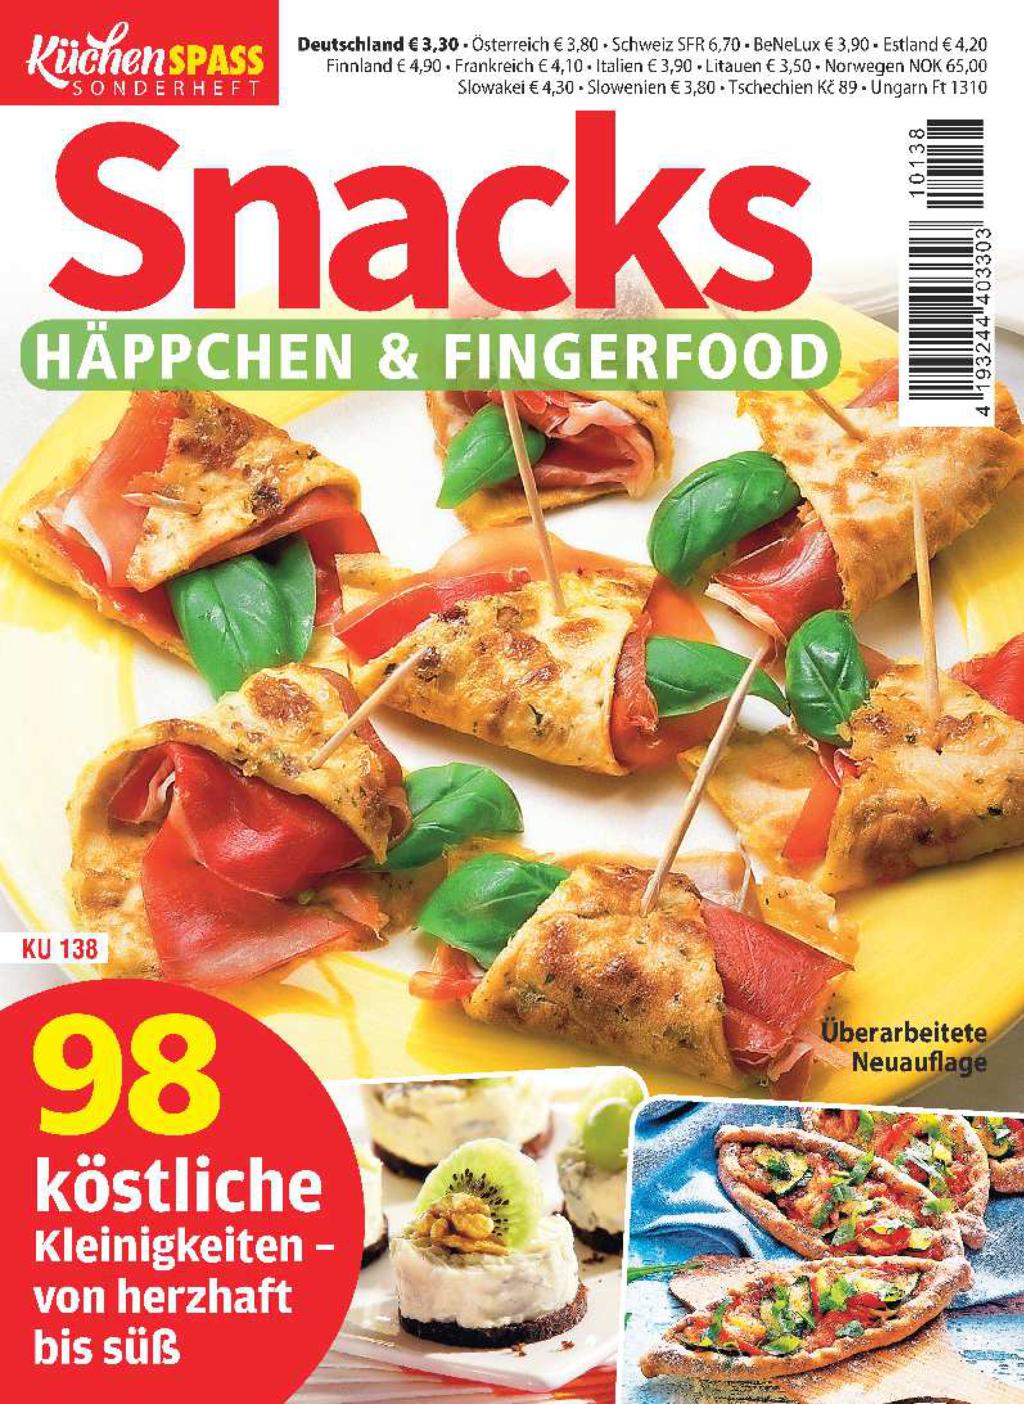 Küchenspaß Sonderheft KU 138 - Snacks, Häppchen & Fingerfood